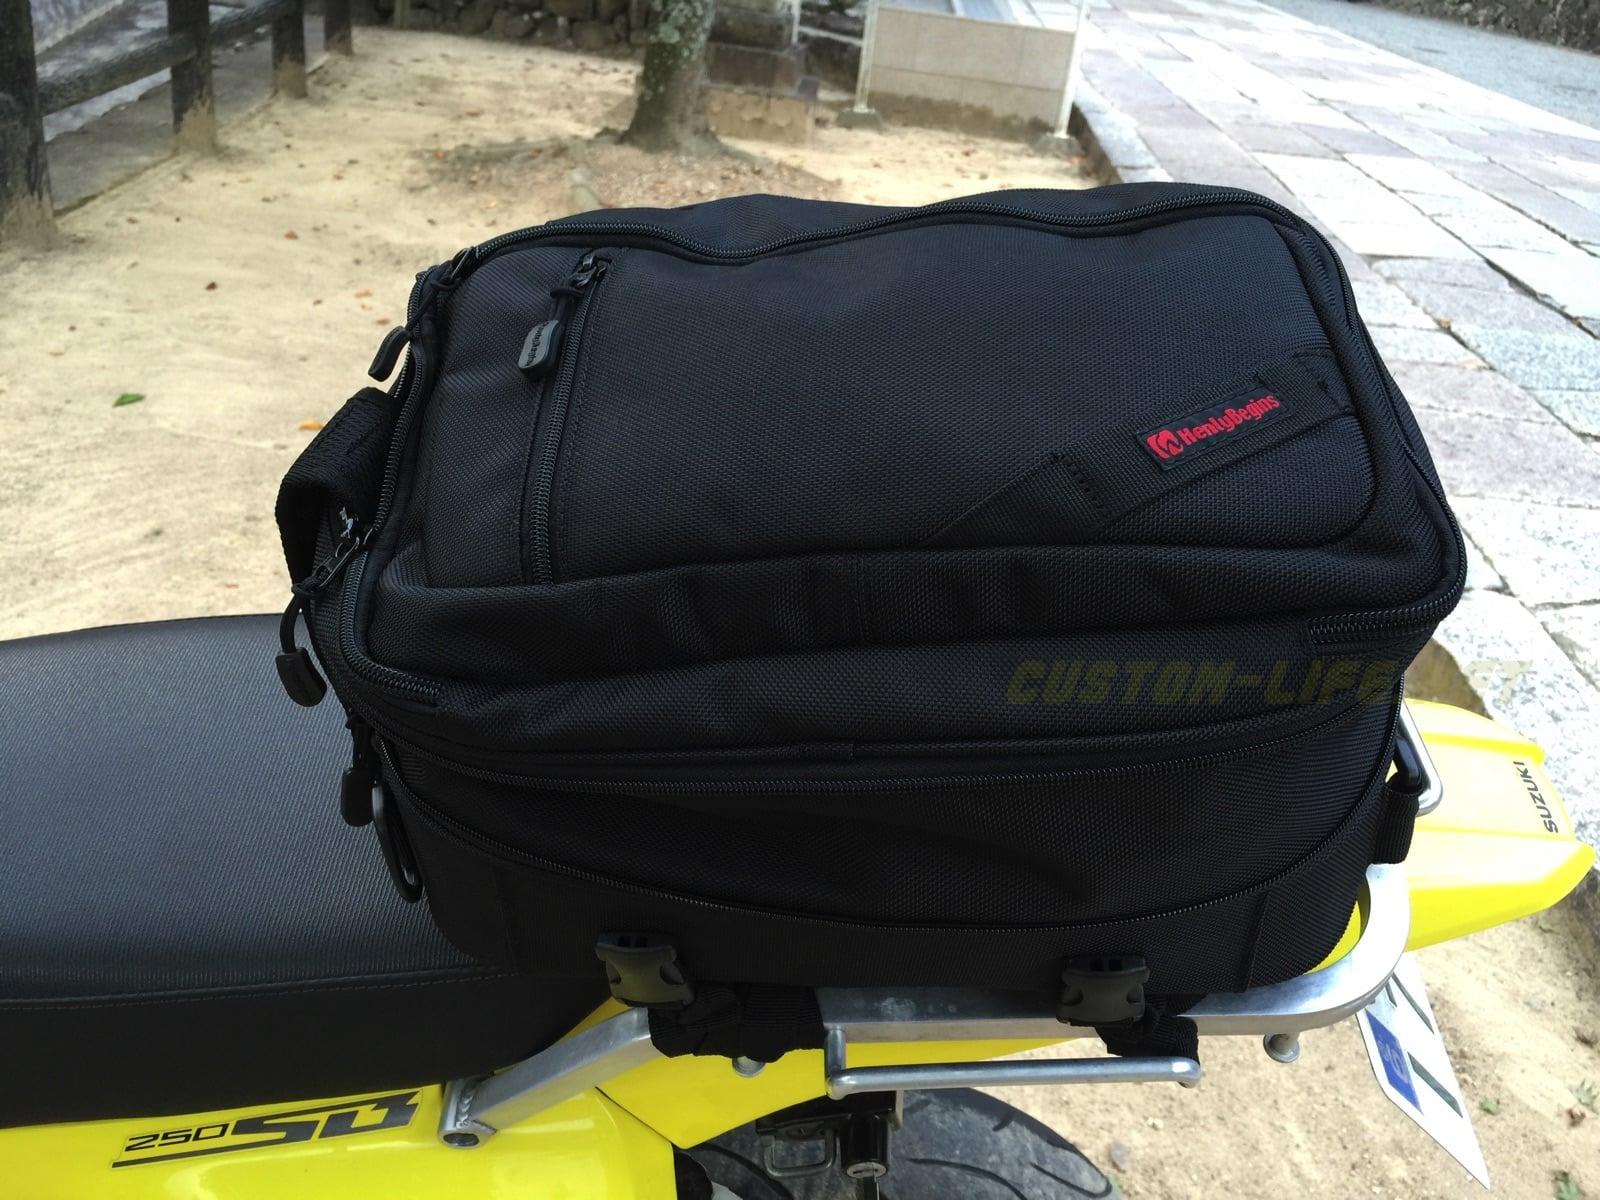 ツーリングバッグとしての「ヘンリービギンズの2WAYシートバッグ」